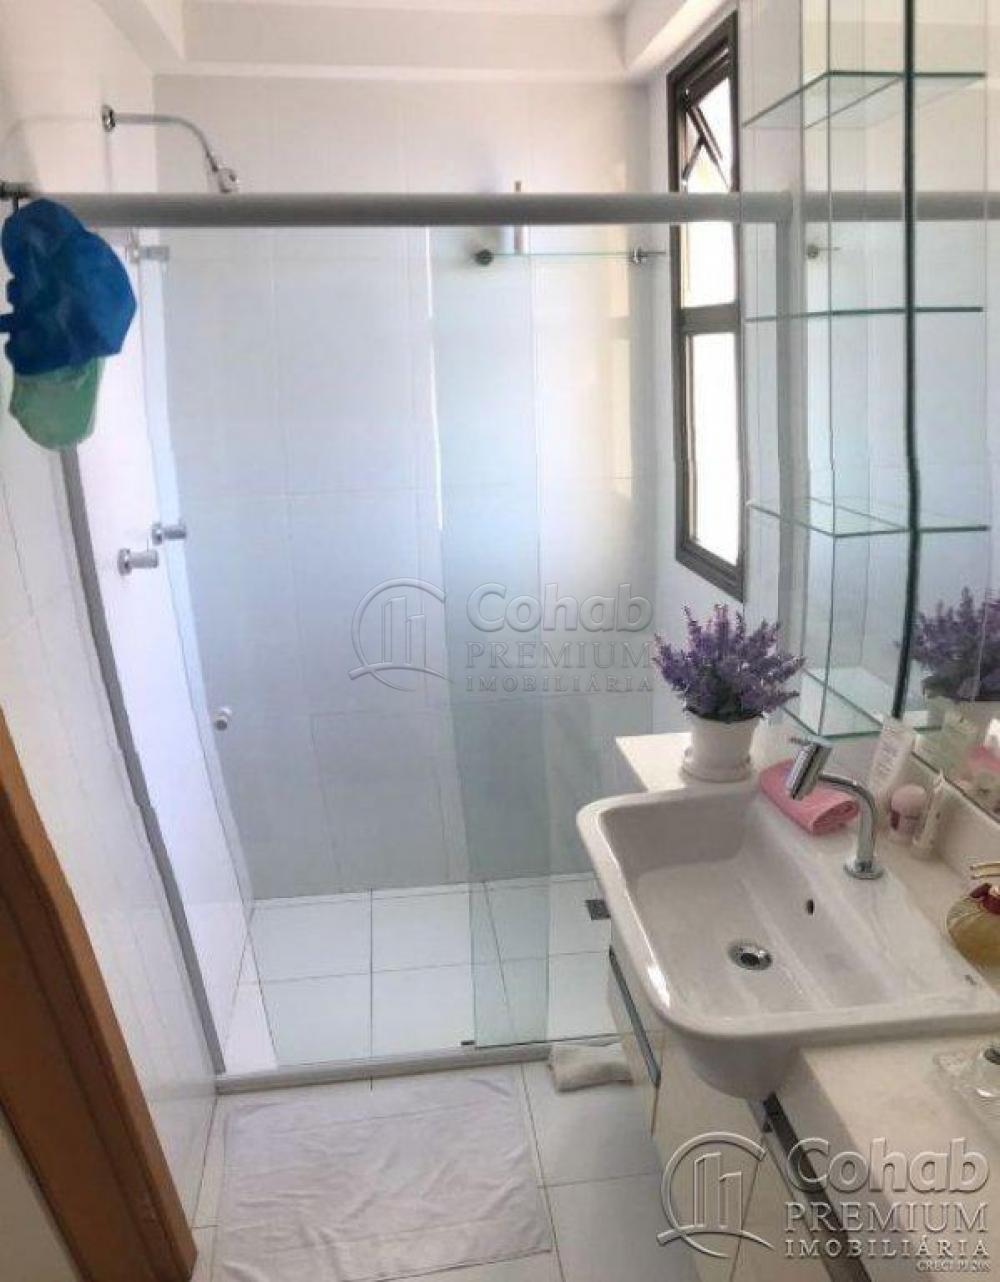 Comprar Apartamento / Padrão em Aracaju apenas R$ 1.450.000,00 - Foto 11